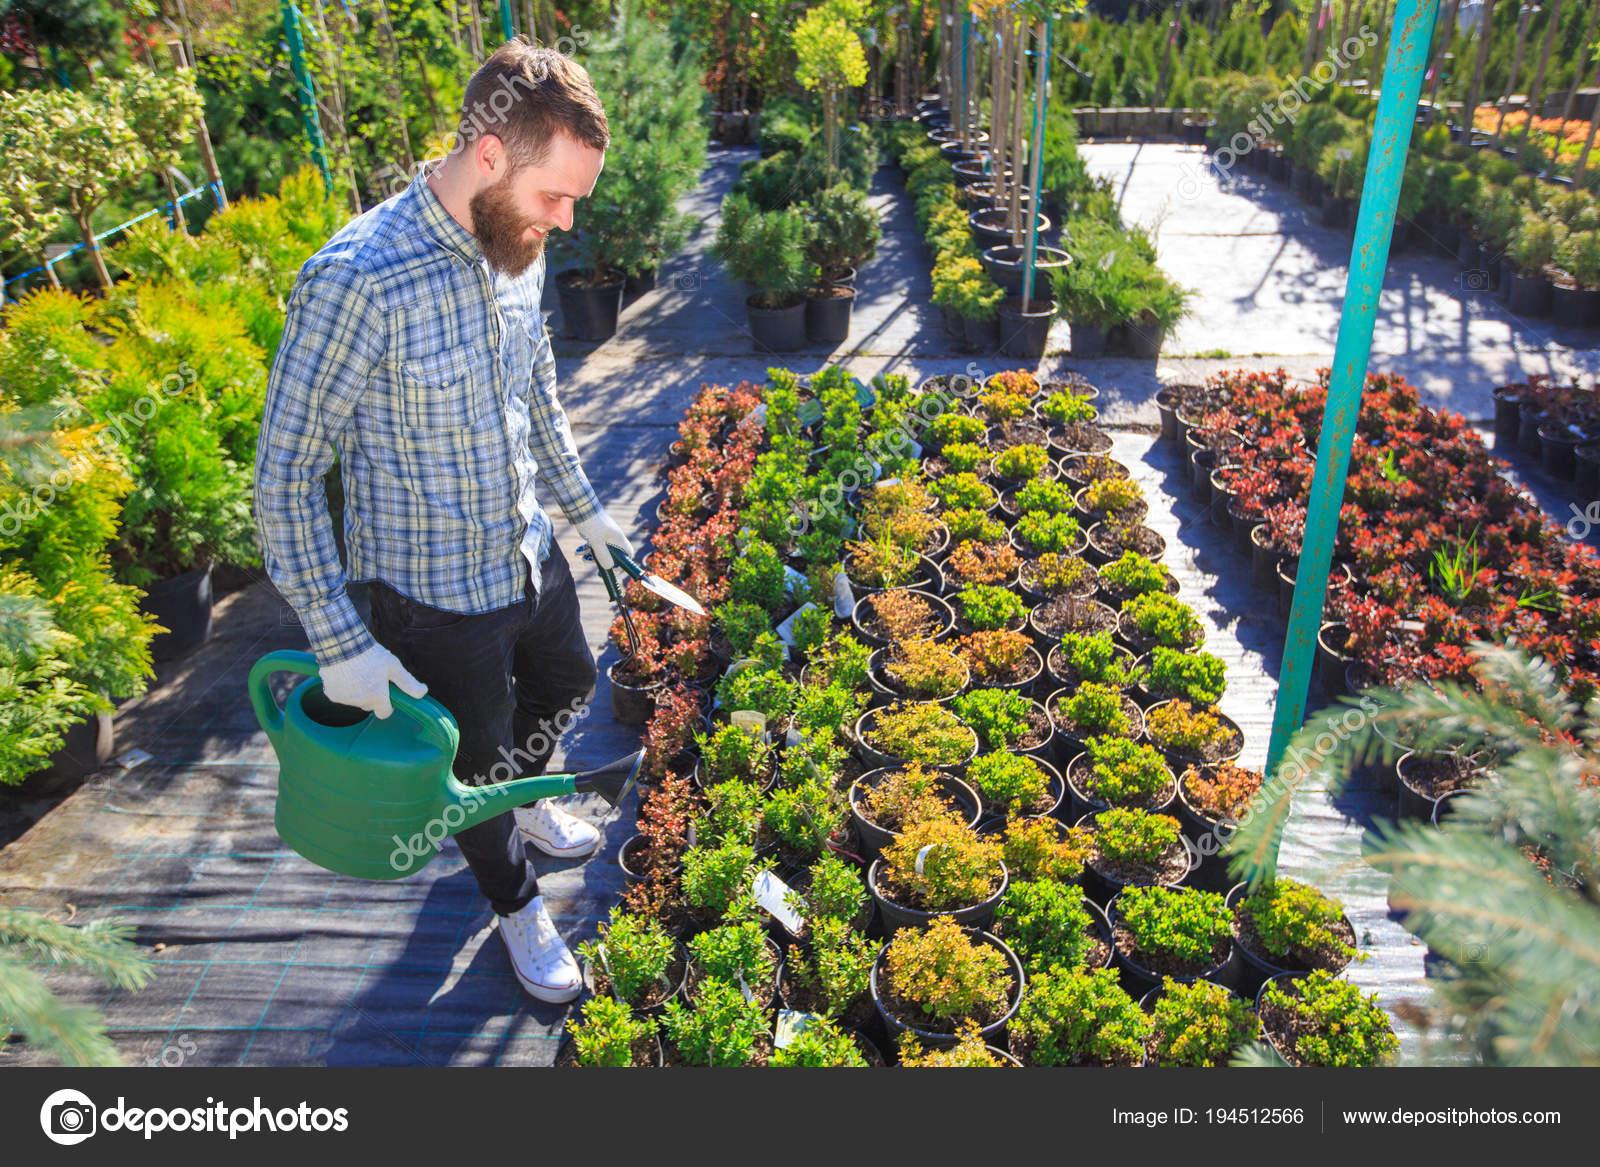 Atemberaubend Hipster Gärtner arbeiten im Garten in der Stadt — Stockfoto #YM_36